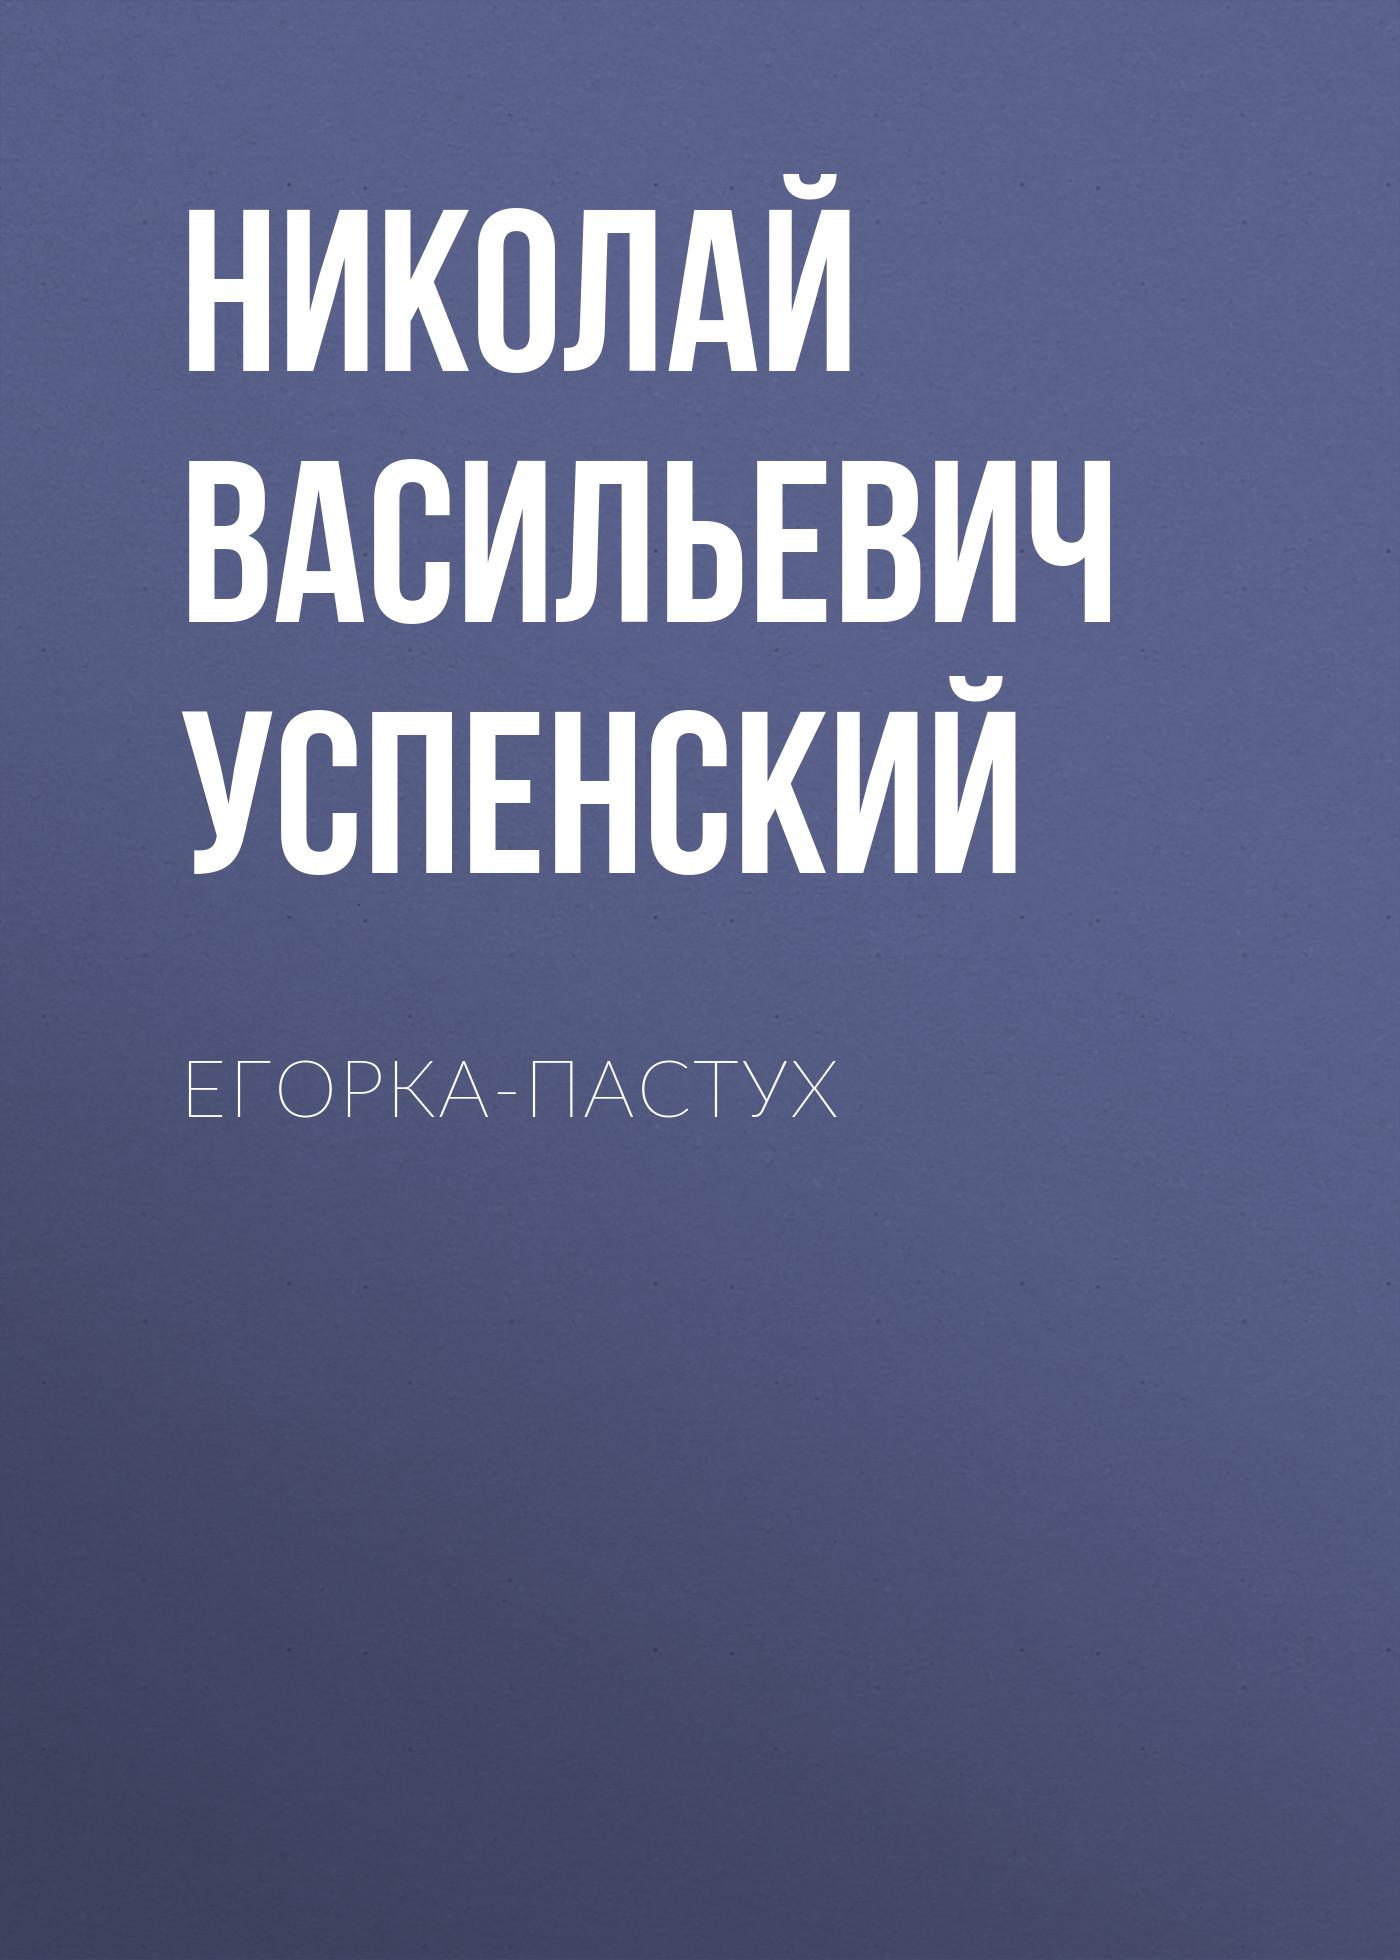 Купить книгу Егорка-пастух, автора Николая Васильевича Успенского